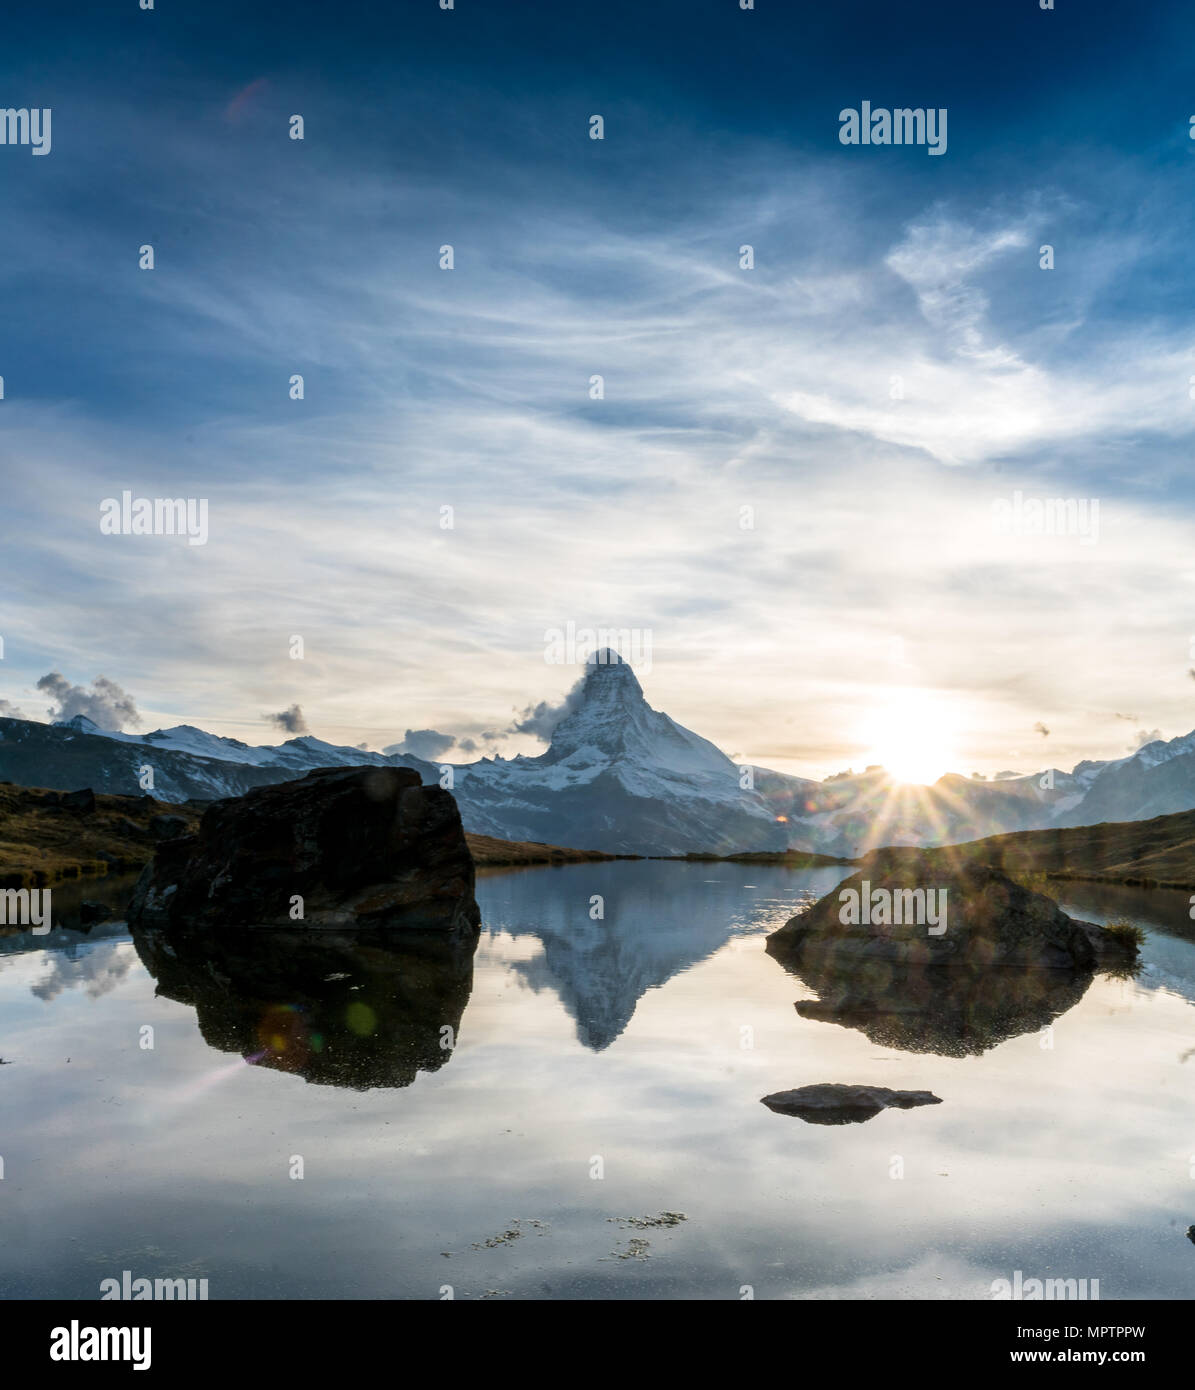 Sonnenuntergang am Matterhorn mit Reflexion in Stellilake am späten Nachmittag Stockbild